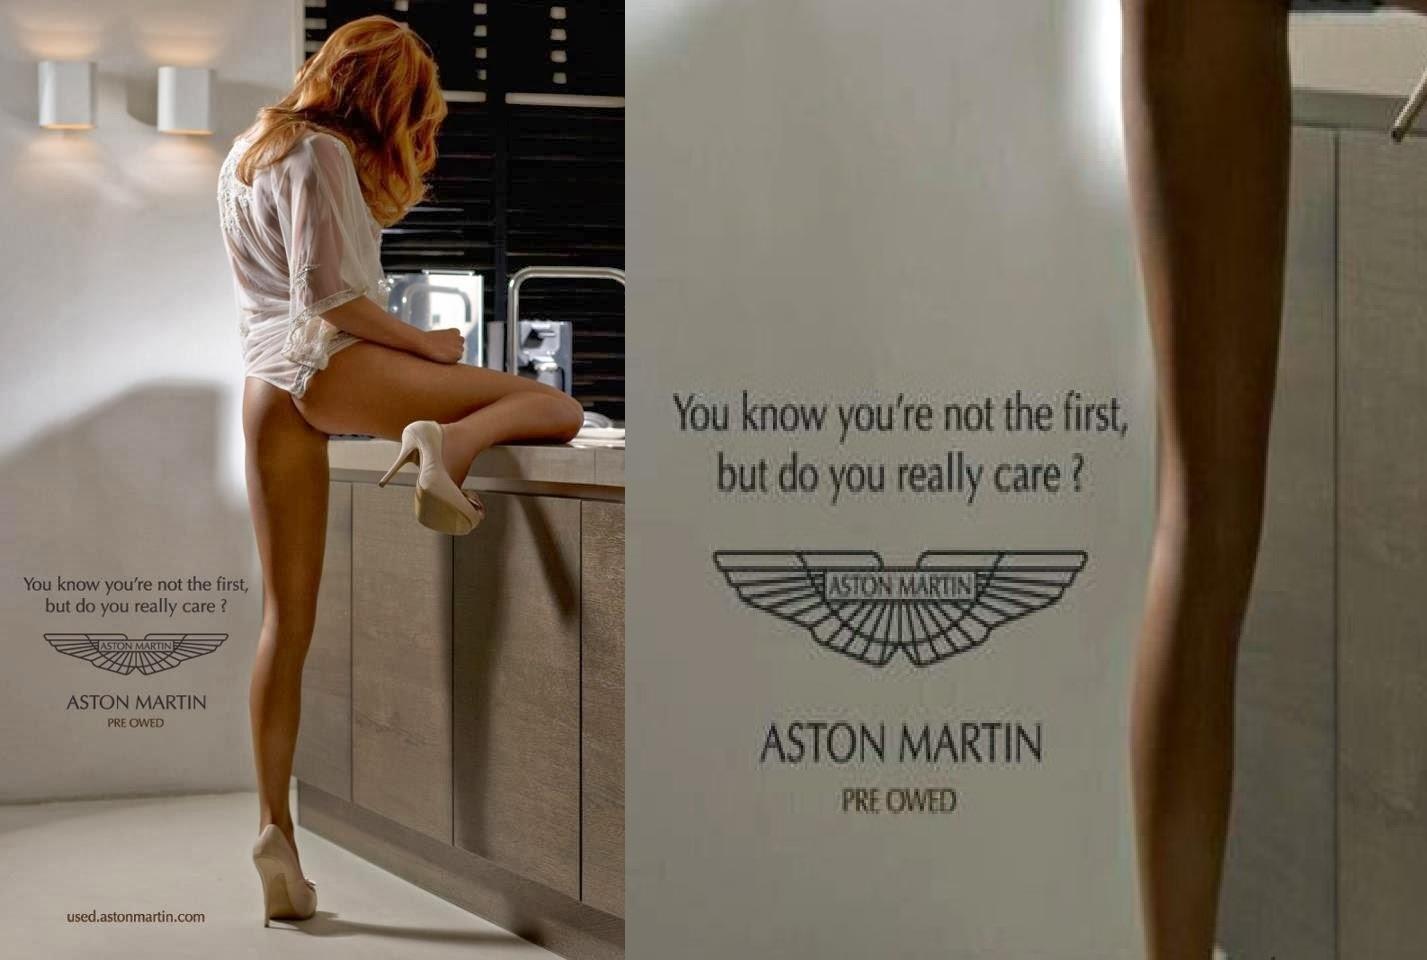 Neville Louzado On Twitter Great Ad From Aston Martin Https T Co 0cvfgd8nbh